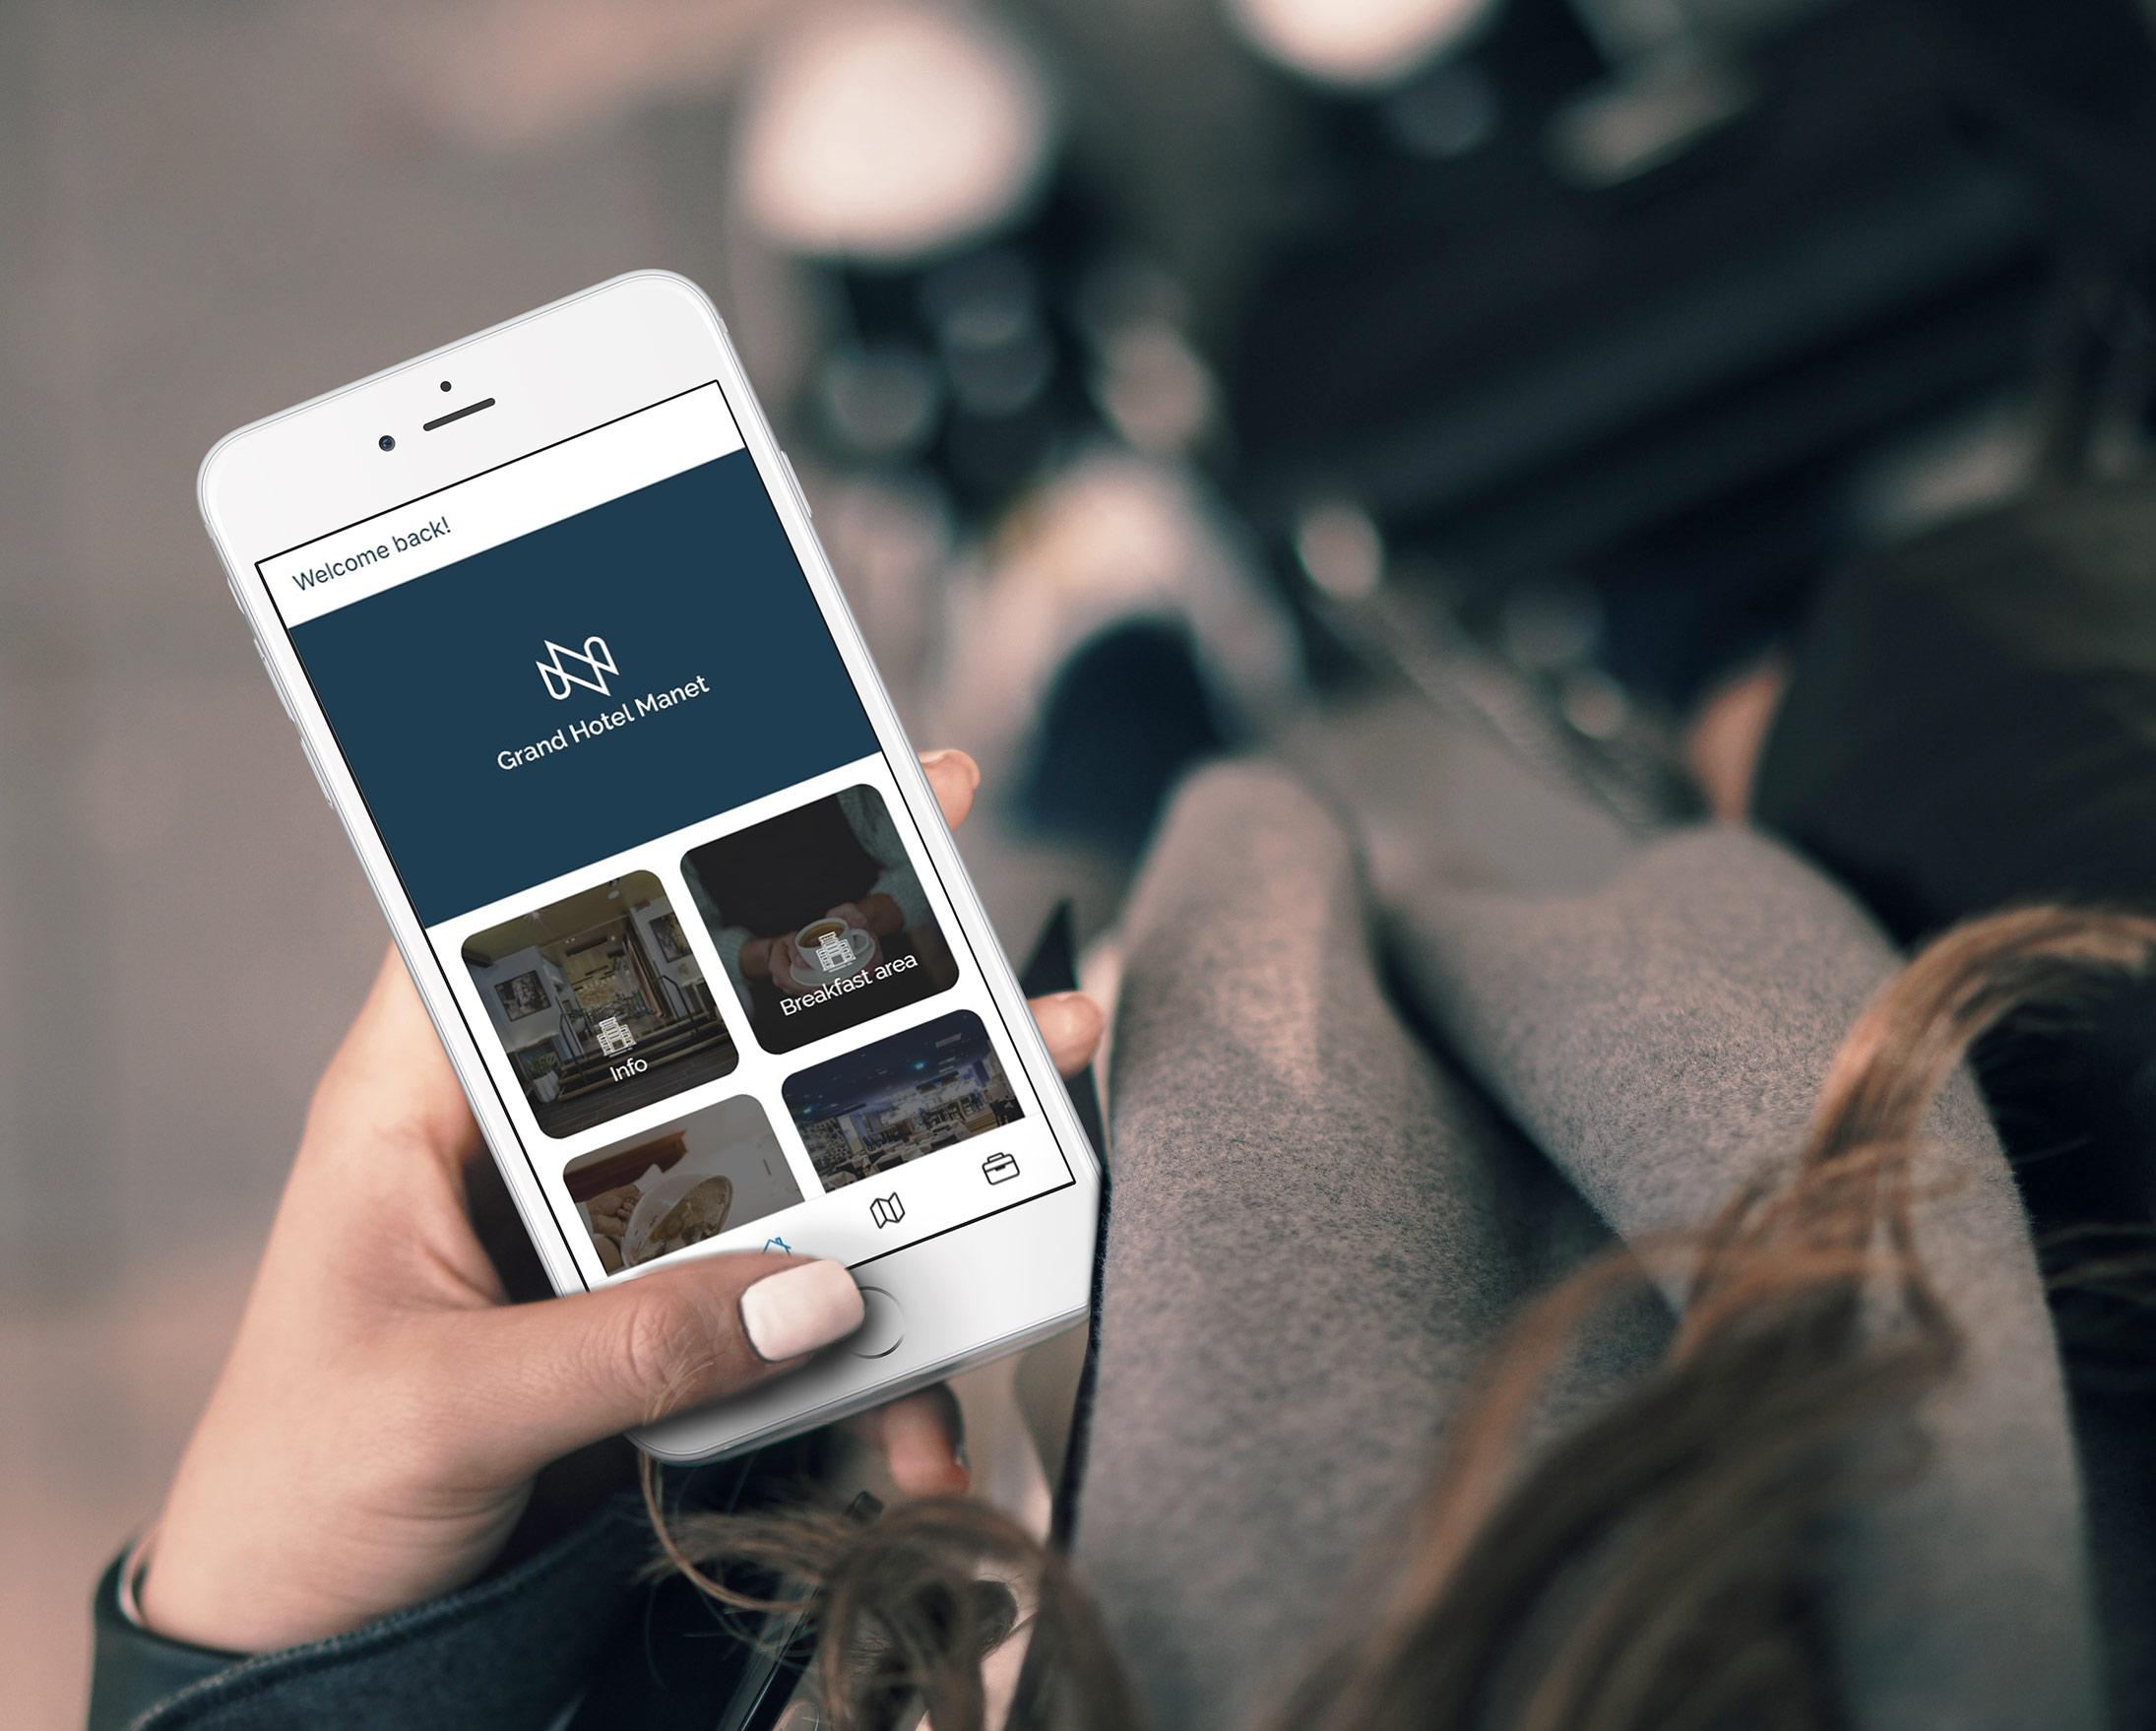 Informazioni sulla tua attività e prenotazione di servizi extra con l'app Manet